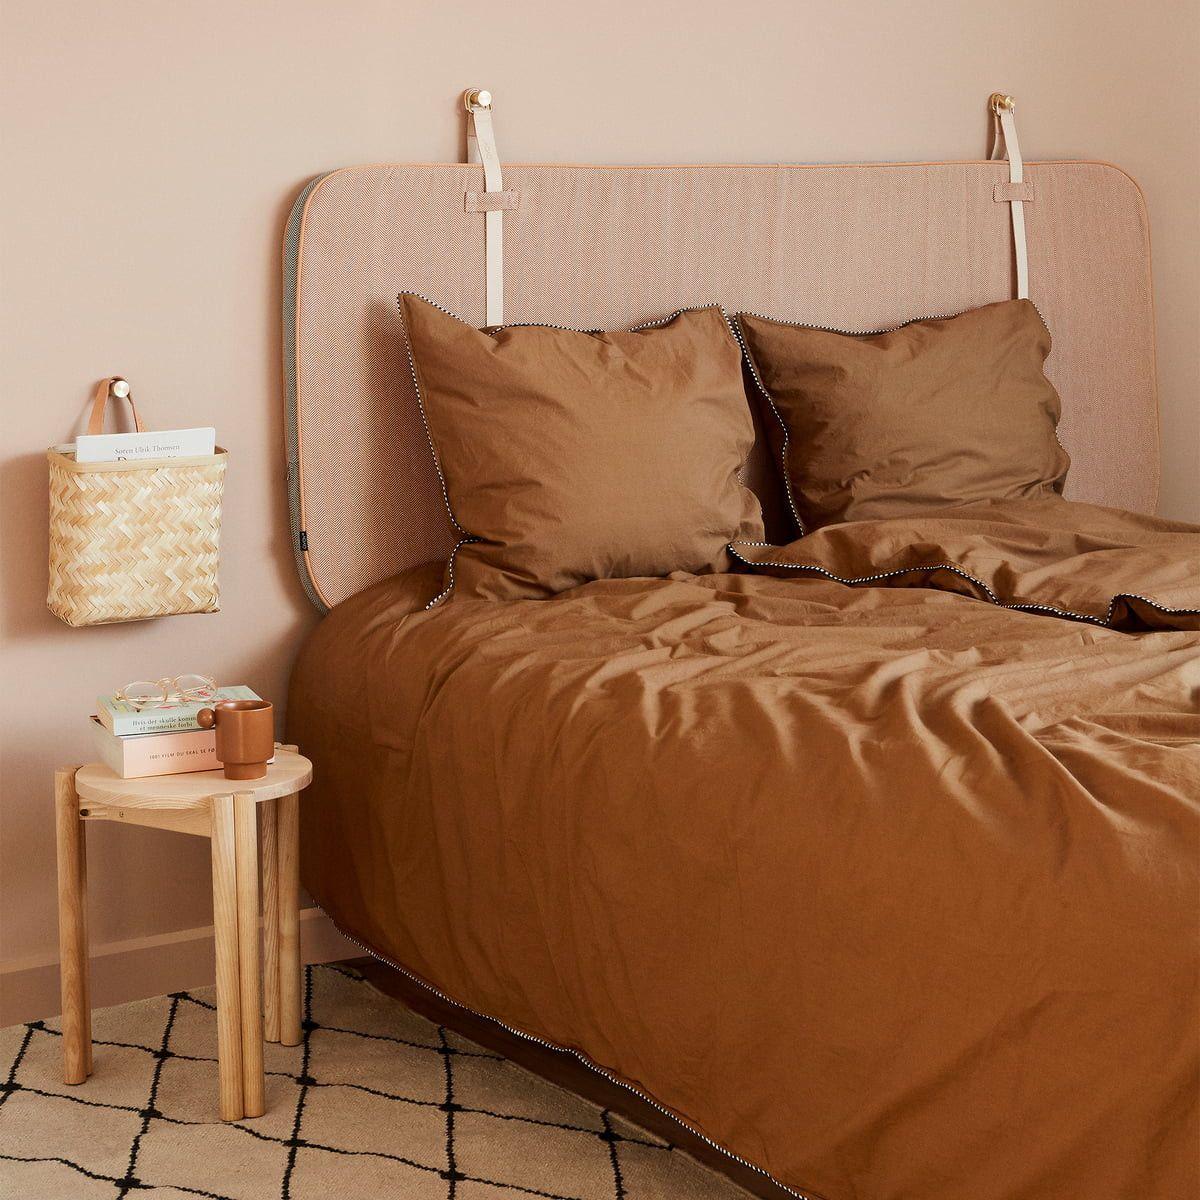 Bett Kopfteil Awesome Bett Kopfteil 180 Cm Von Oyoy